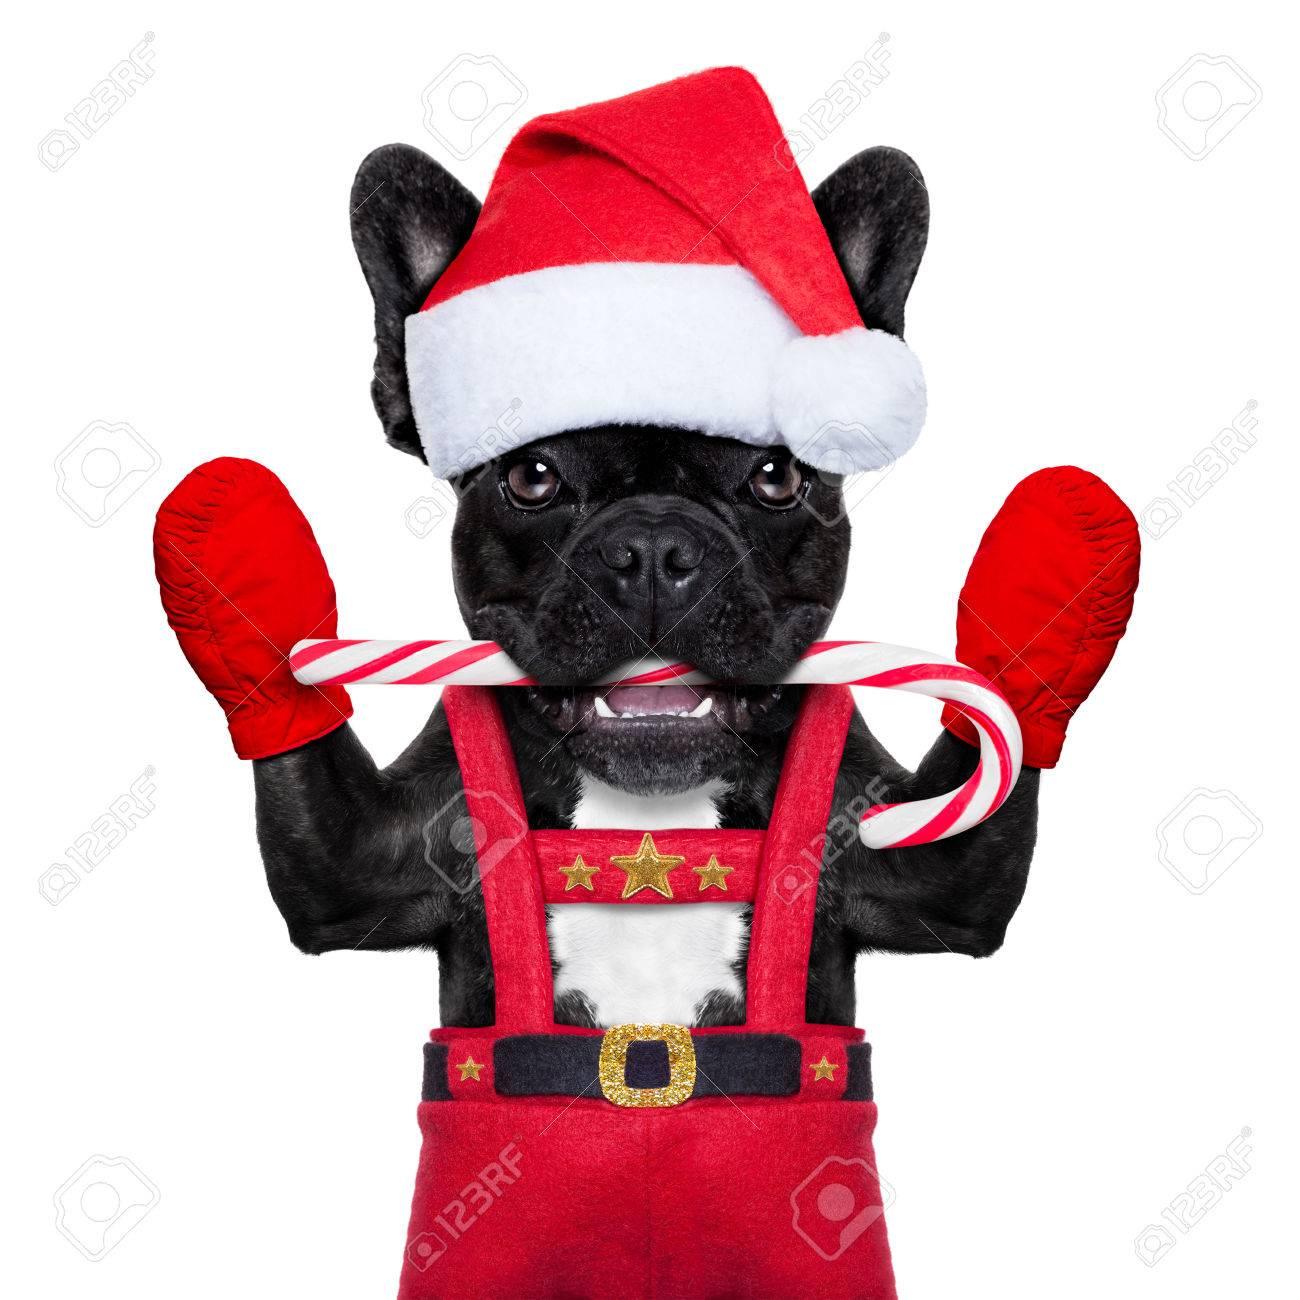 Weihnachtsmann-Weihnachtshund Mit Kandiszucker In Mund, Isoliert Auf ...